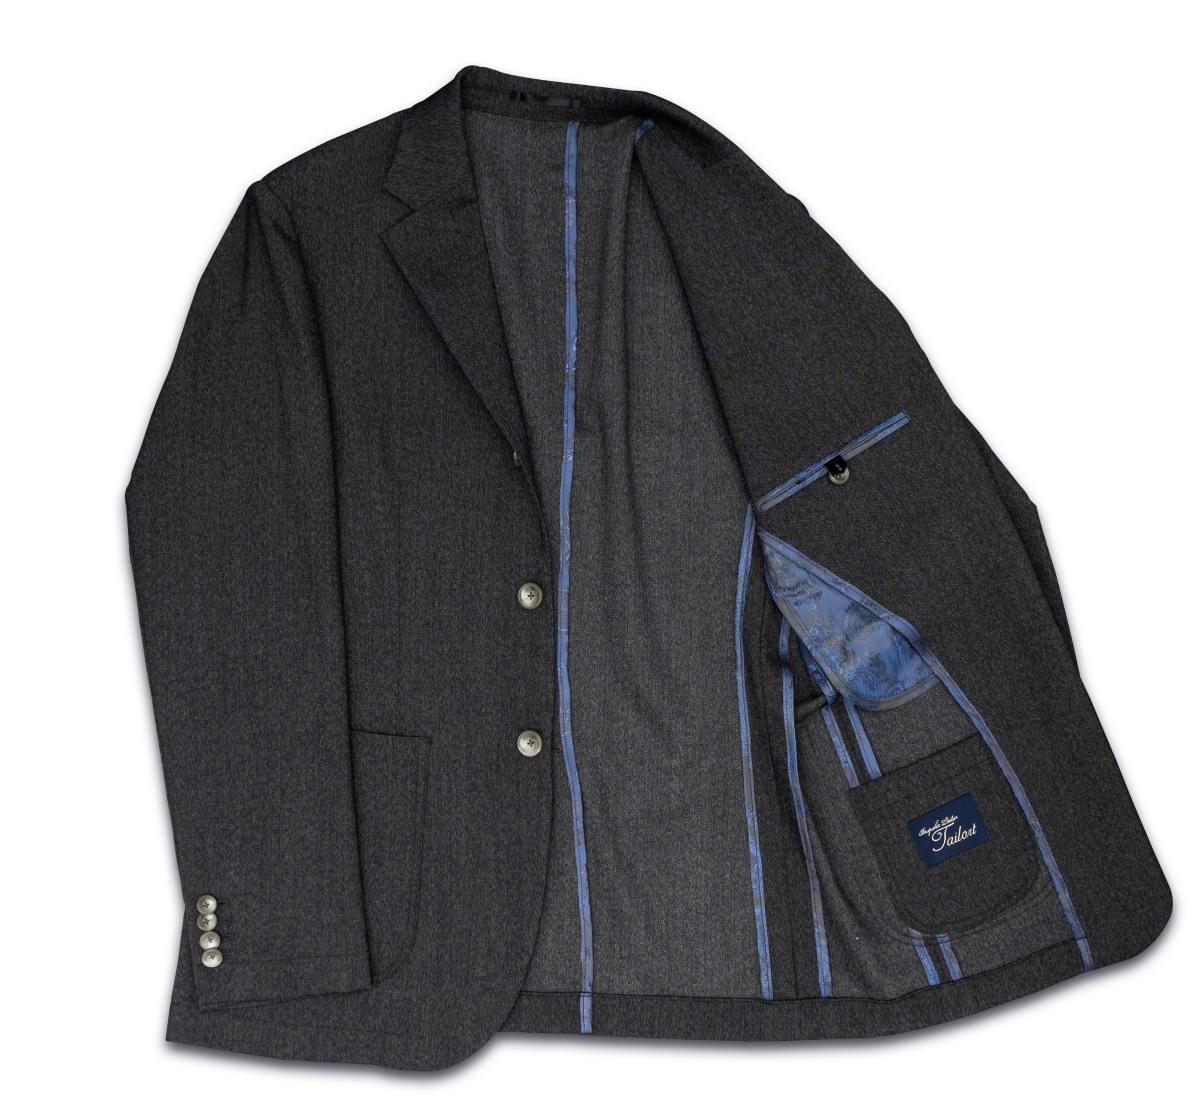 [カジュアルジャケット]さらっとしたデニム調スーツで、気分転換!